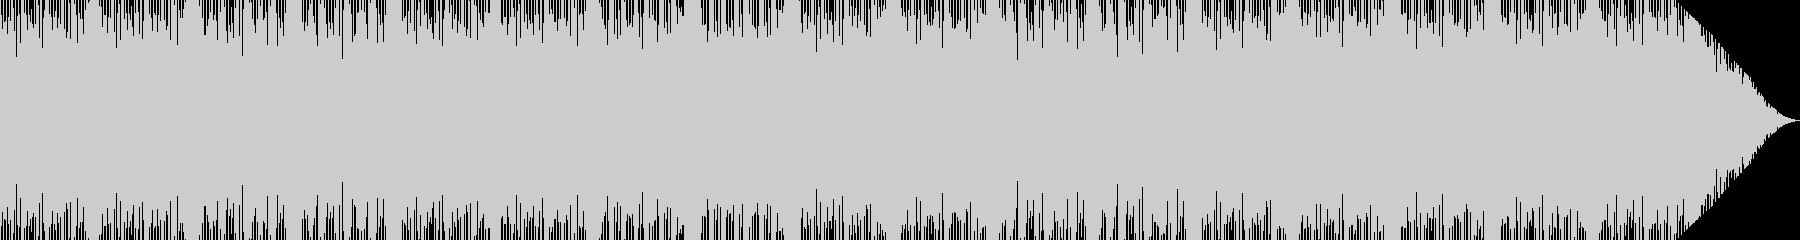 ベース音がメインの不可解な謎めいたBGMの未再生の波形